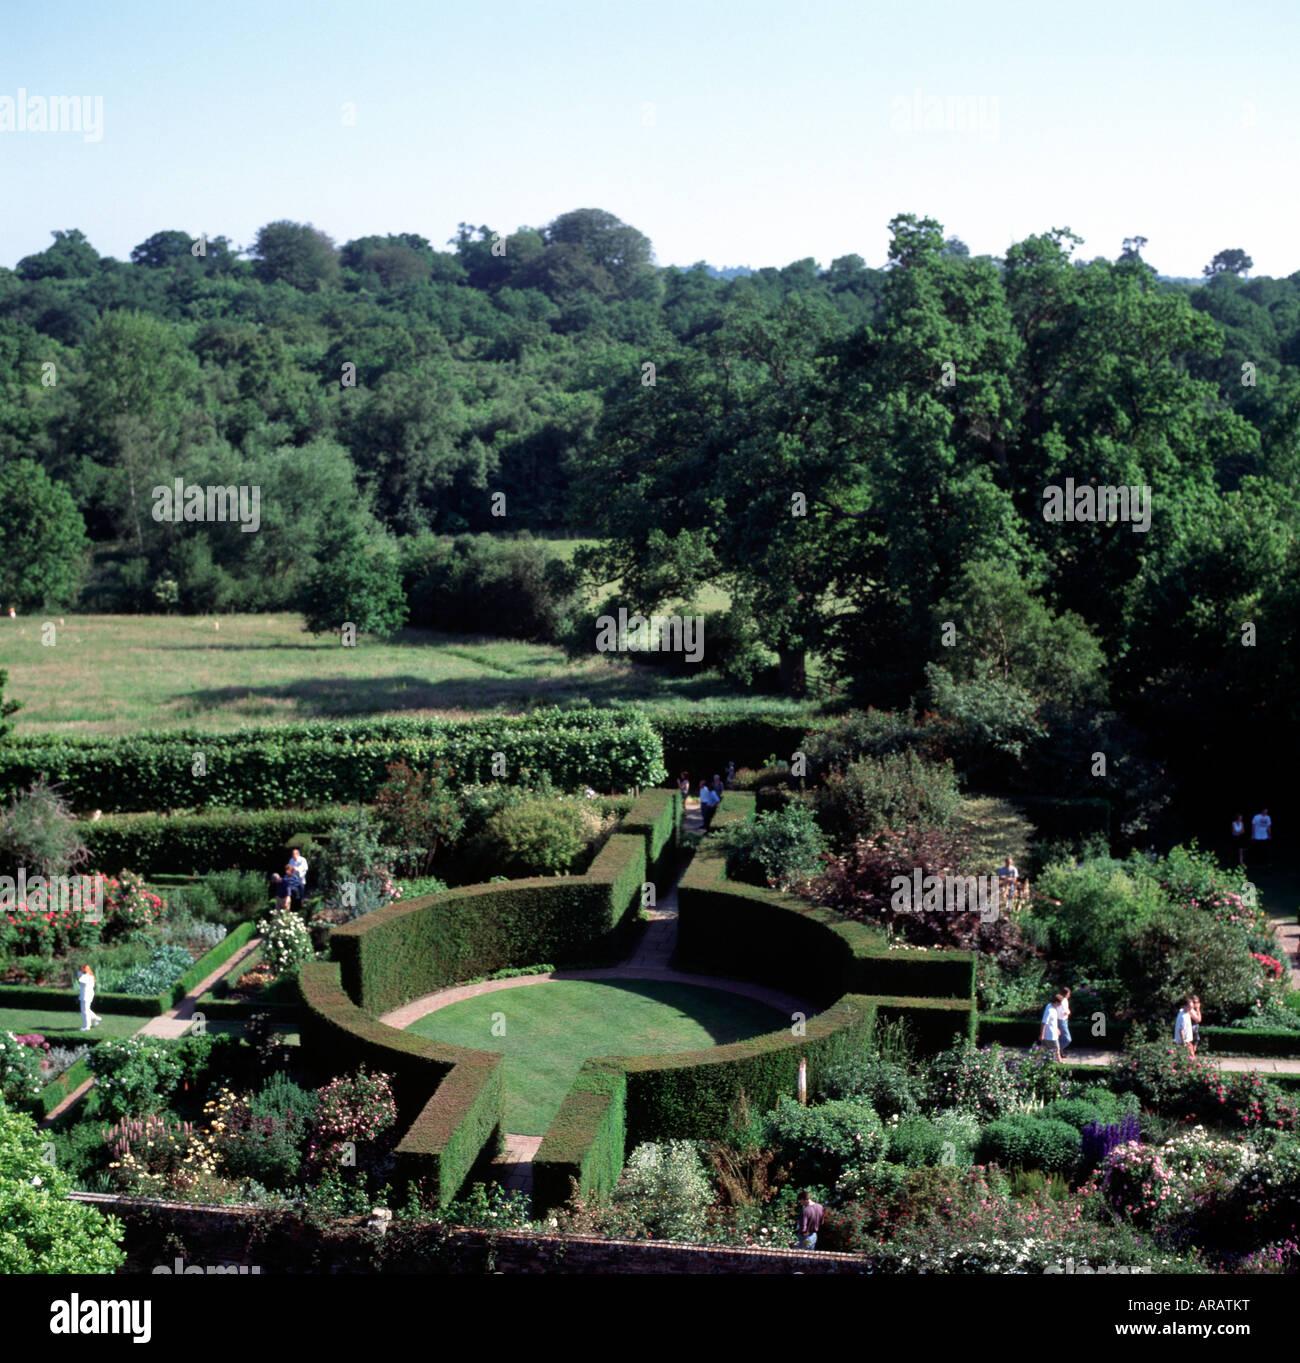 Weißer Garten sissinghurst place weisser garten rondell oben stock photo